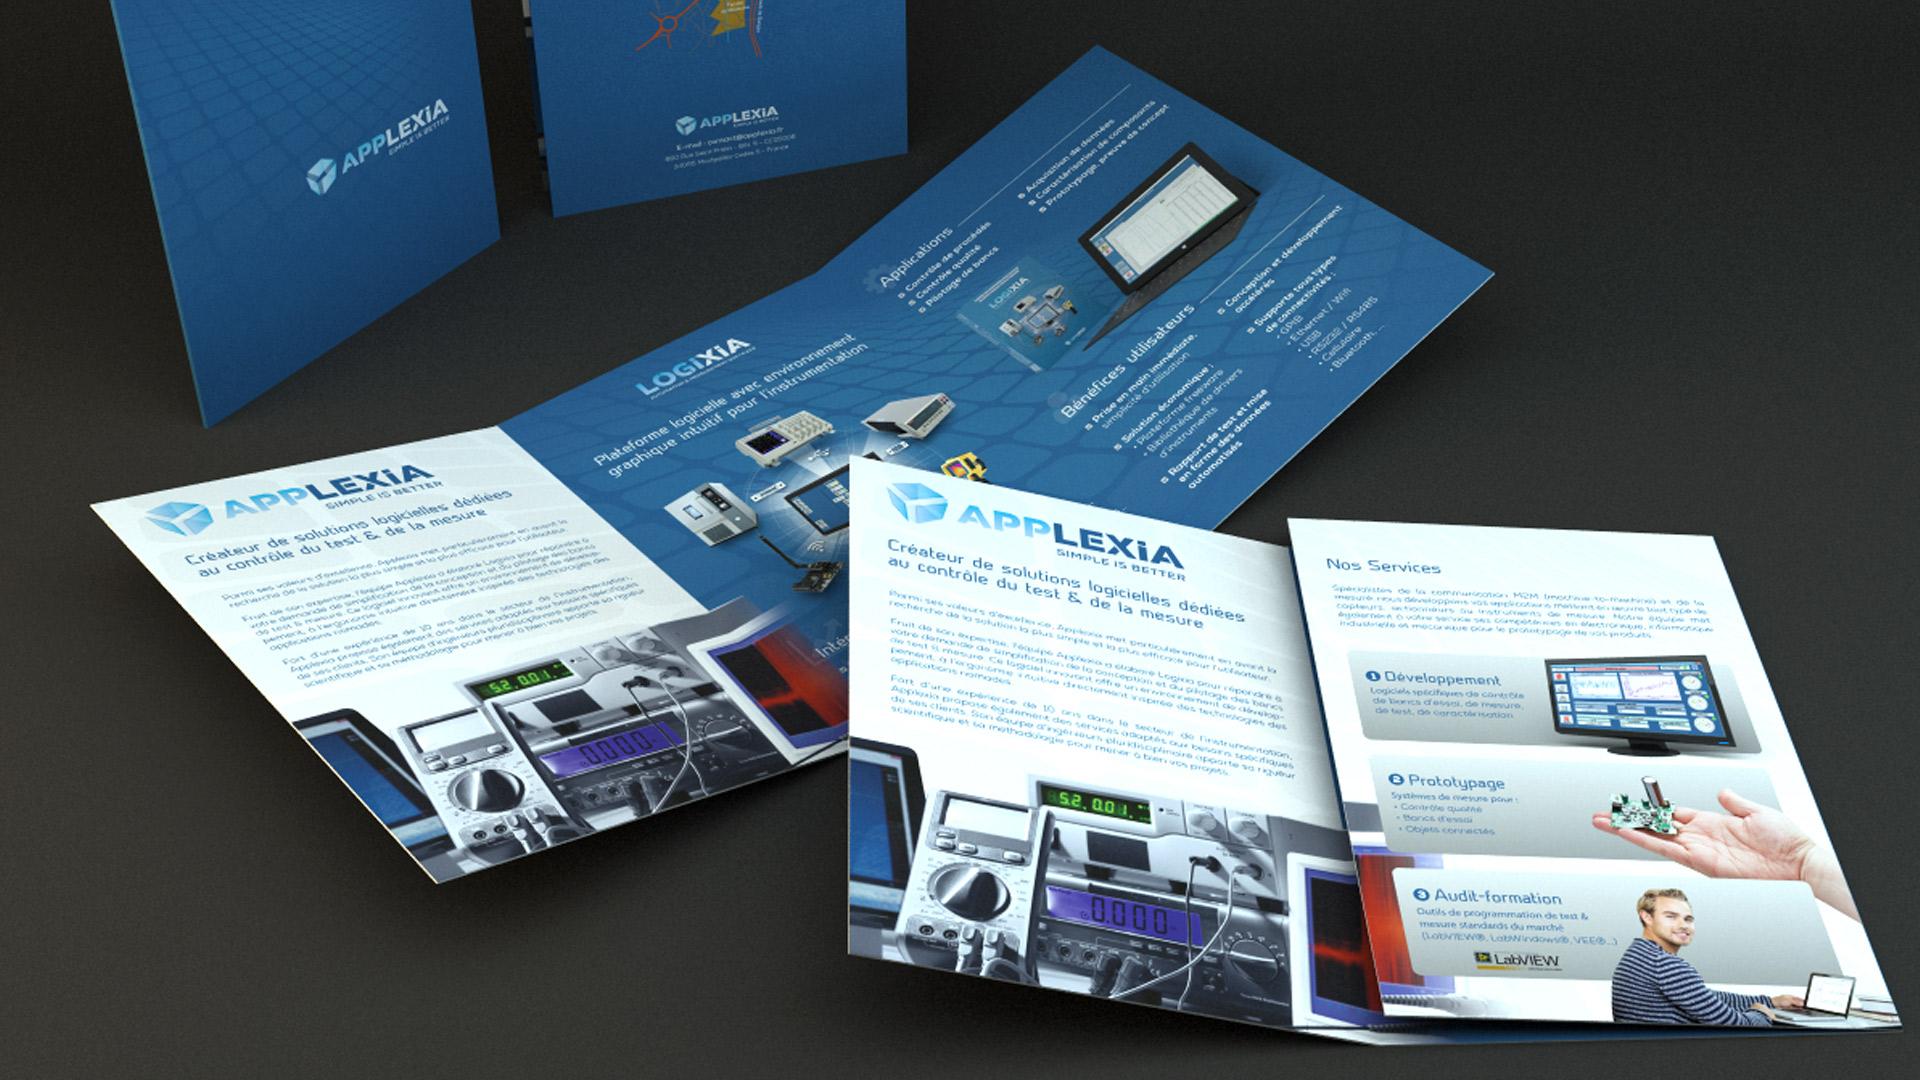 applexia-v2-03